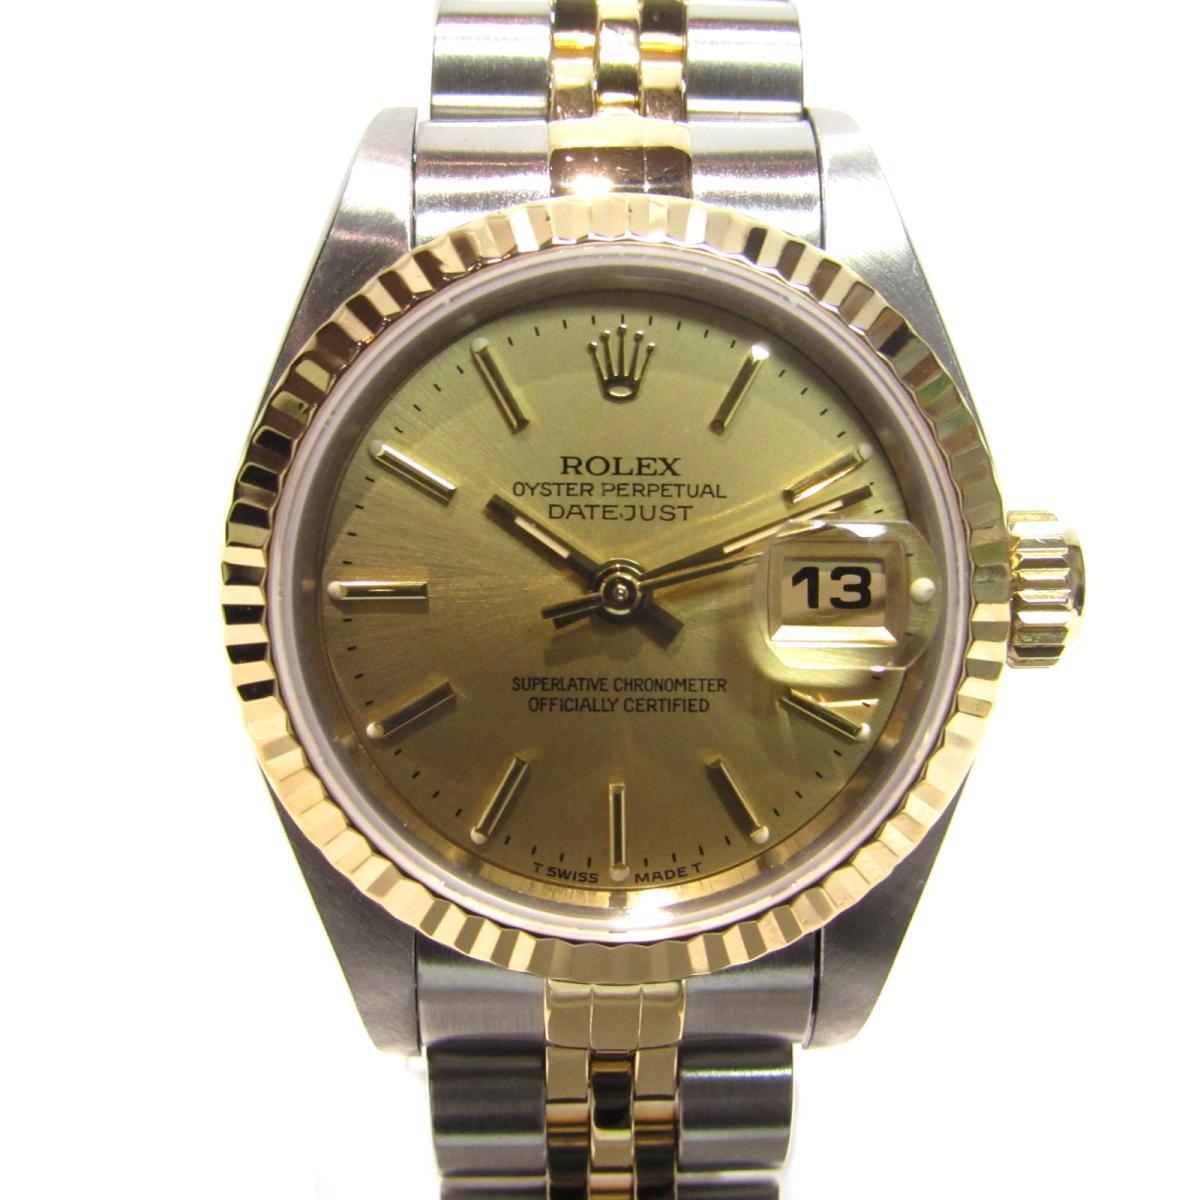 【お買得】 【】 xK18YG ロレックス デイトジャスト 腕時計 ウォッチ 時計 デイトジャスト レディース ステンレススチール ウォッチ (SS) xK18YG ゴールドxシルバー 69173) | ROLEX BRANDOFF ブランドオフ ブランド ブランド時計 ブランド腕時計, qoob[キューブ]大きいサイズの店:5cf7ef86 --- baecker-innung-westfalen-sued.de